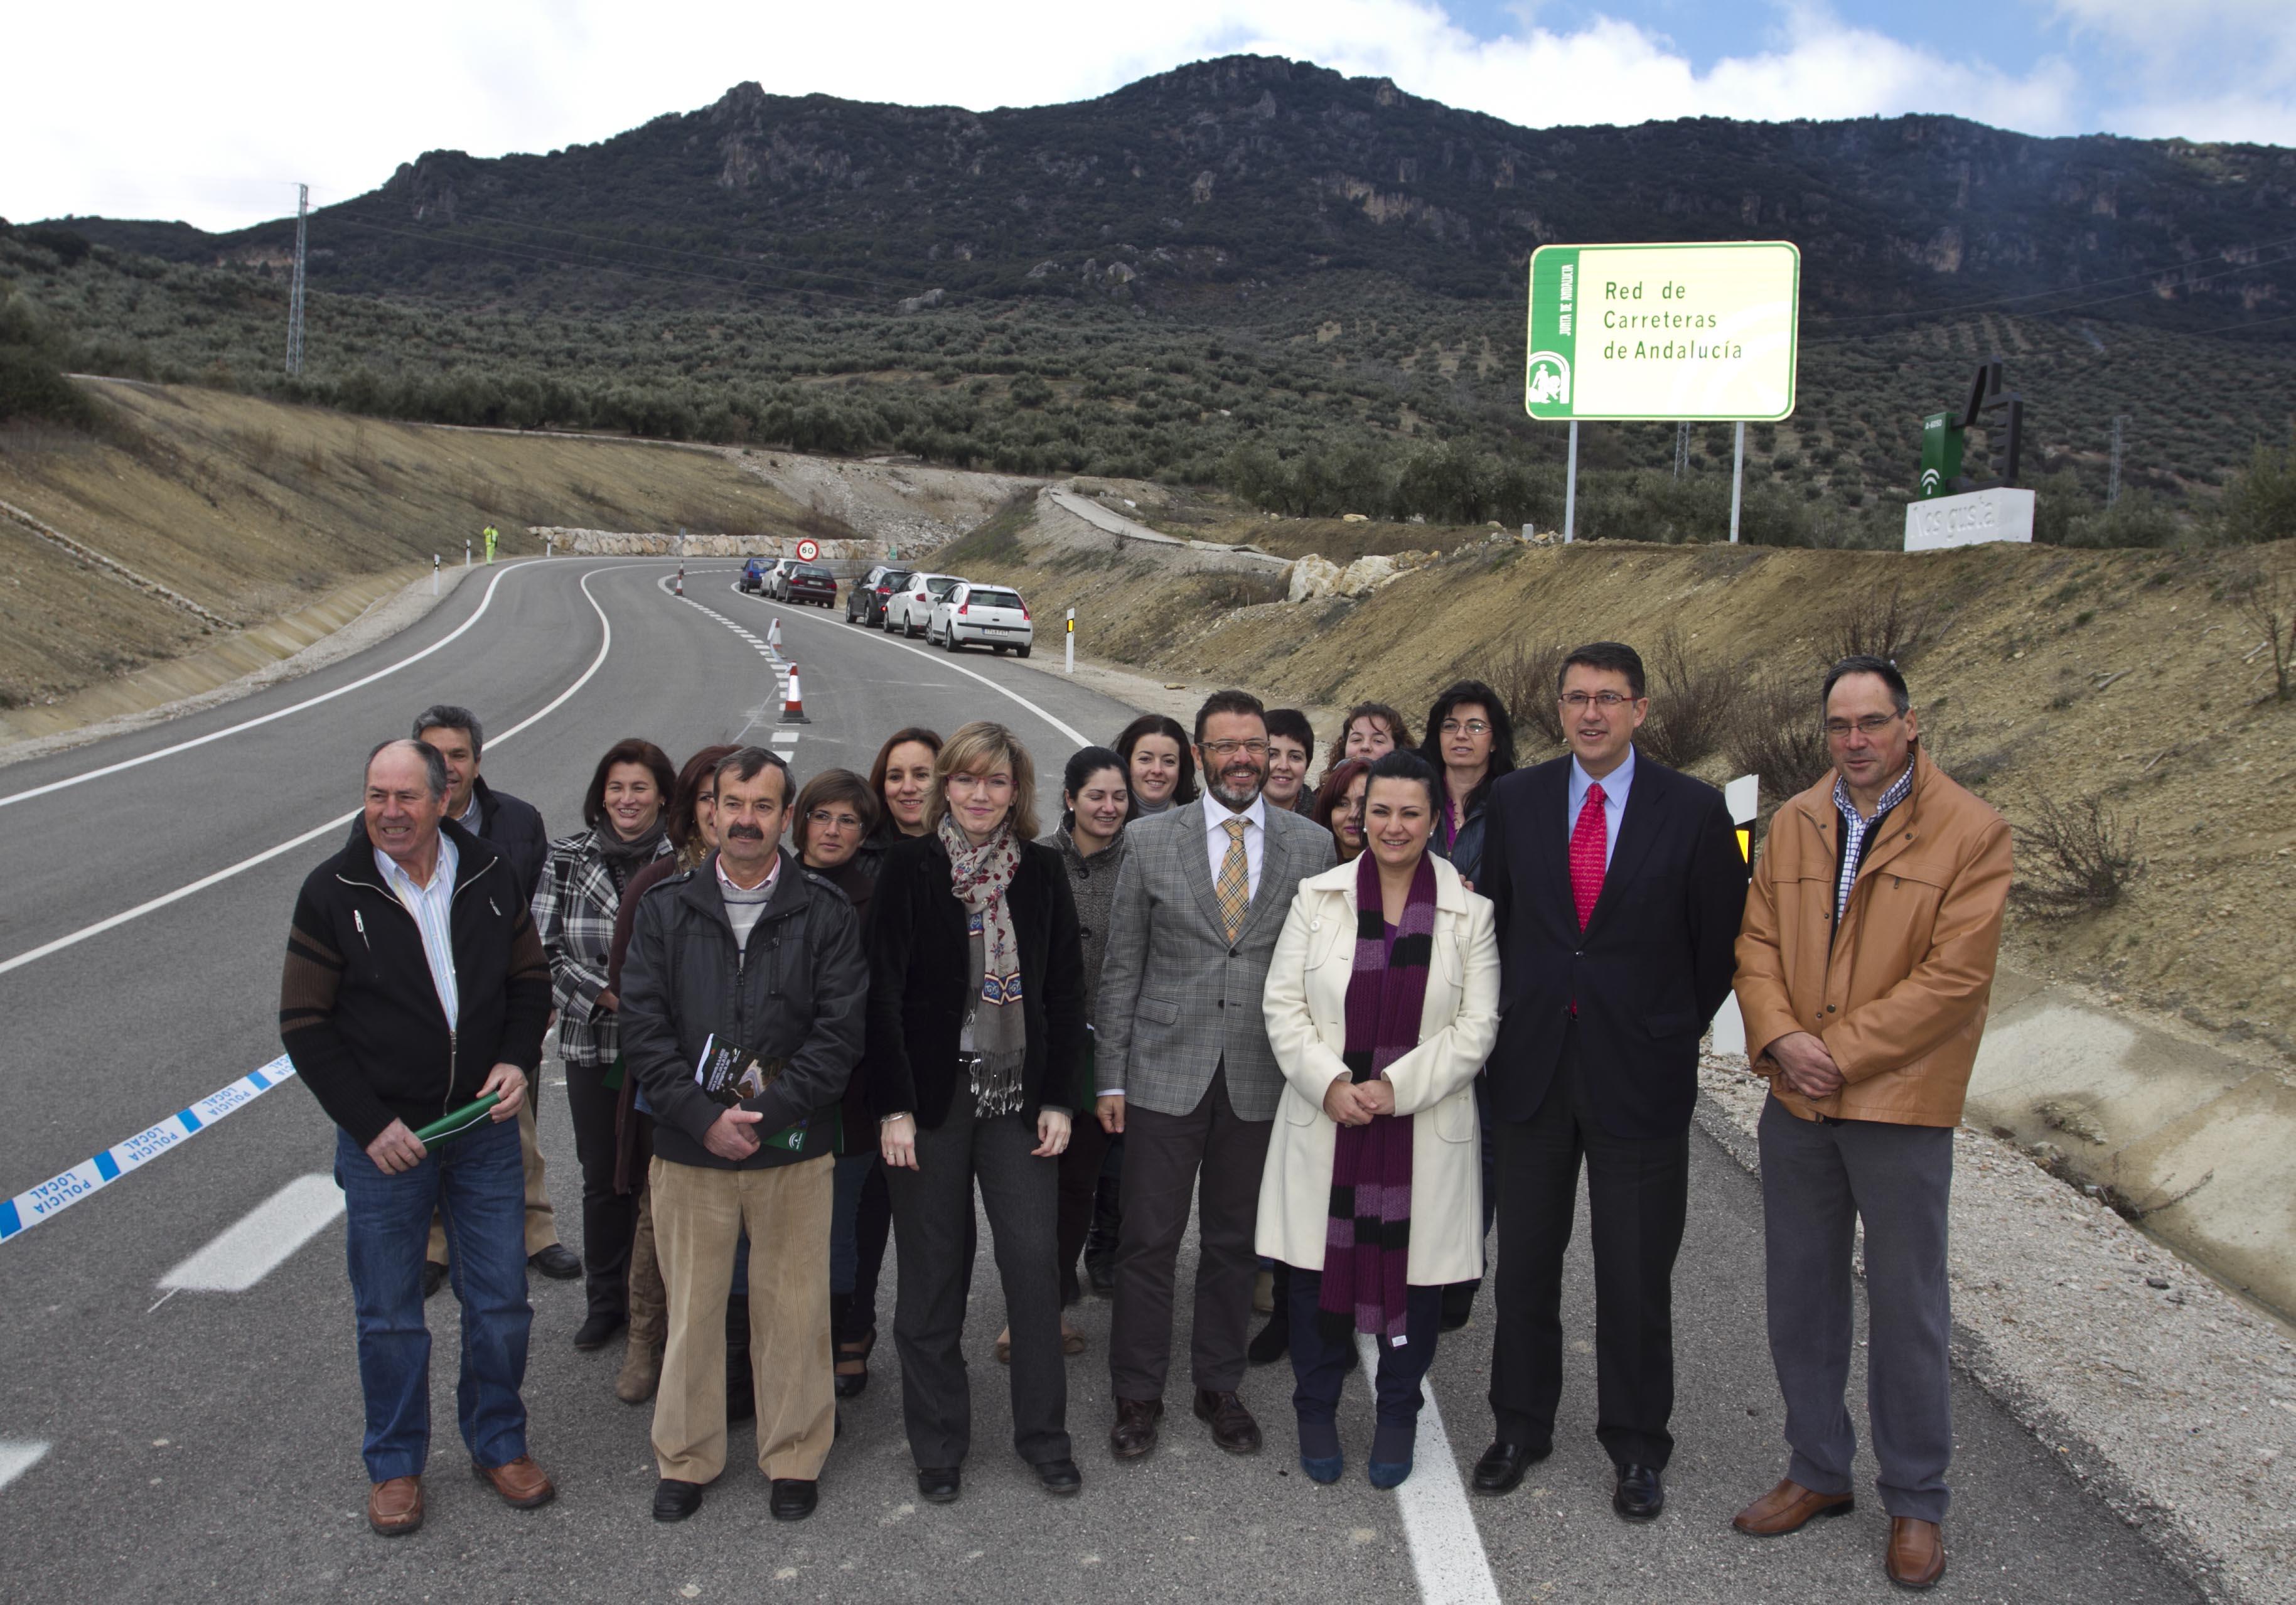 Las autoridades locales, provinciales y autonómicas posan junto a la carretera A-6050.